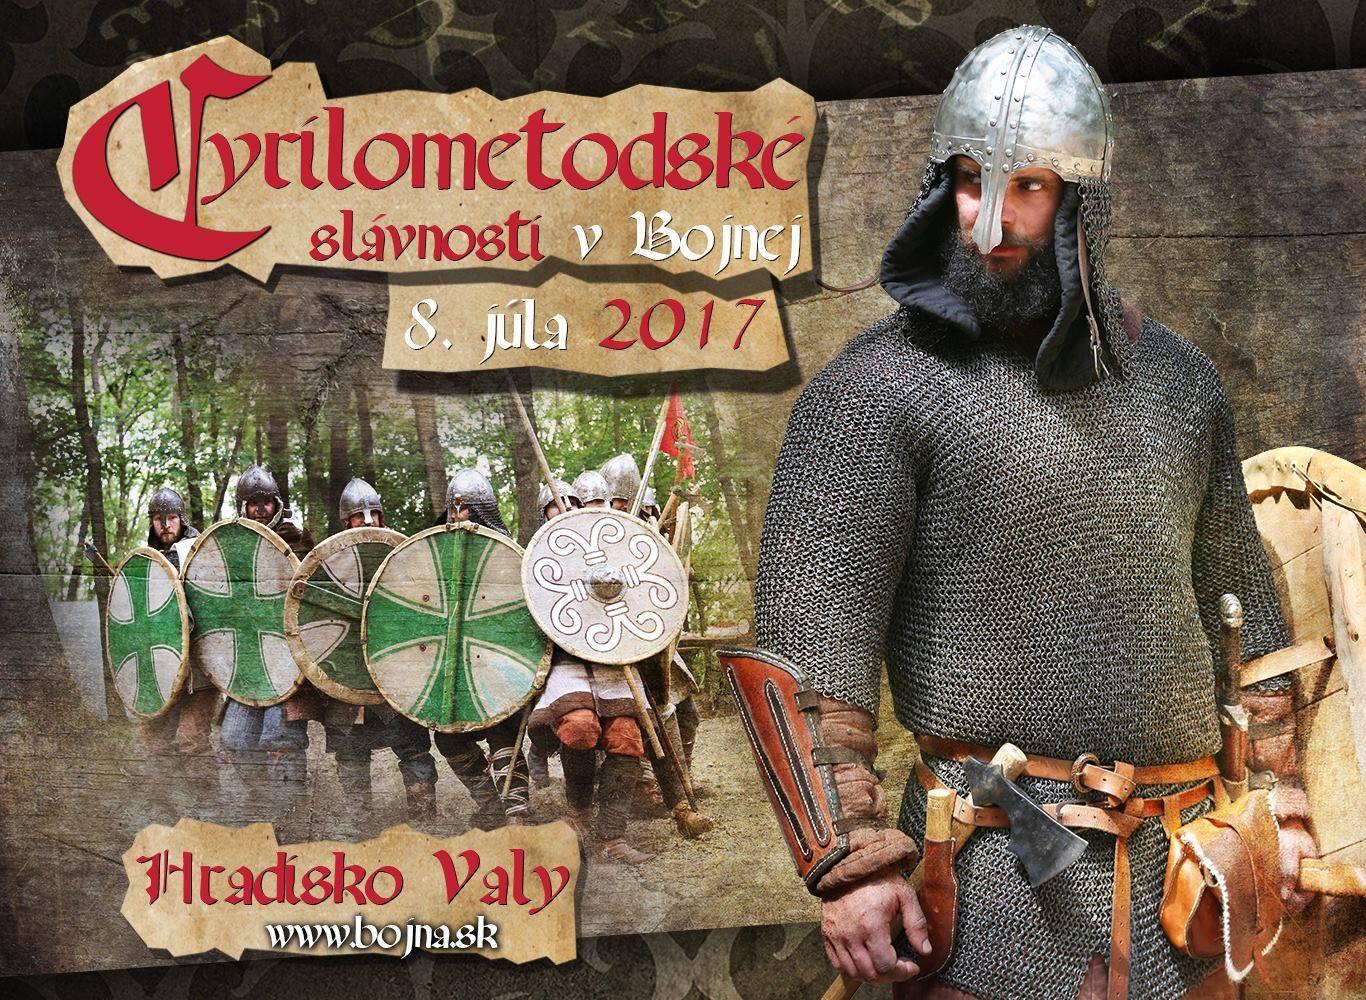 Cyrilometodské slávnosti v Bojnej - Kam v meste  22f8ef5b4d6